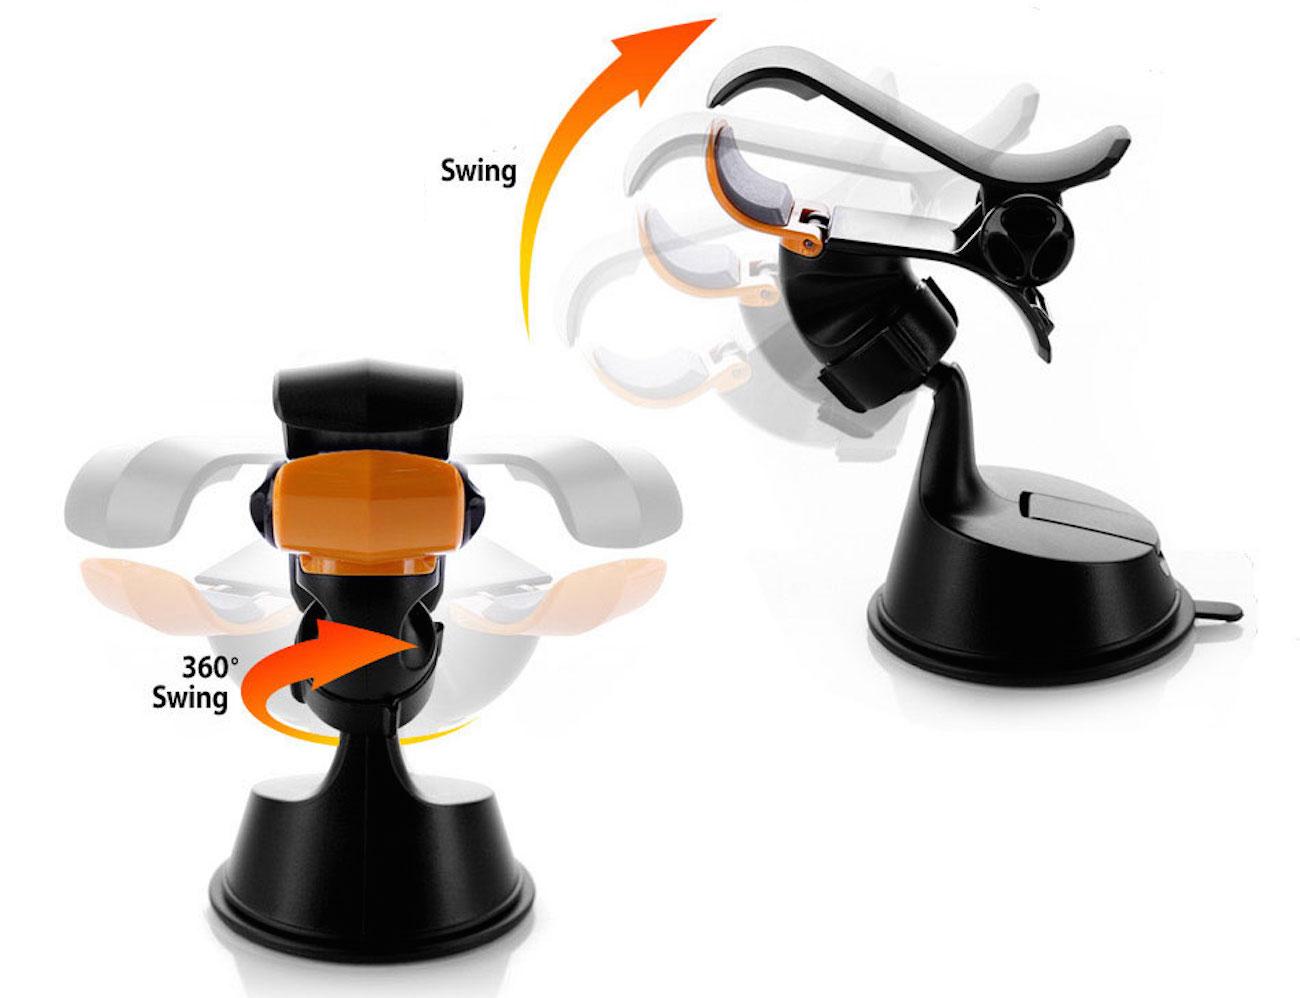 dash-grab-universal-phone-mount-05